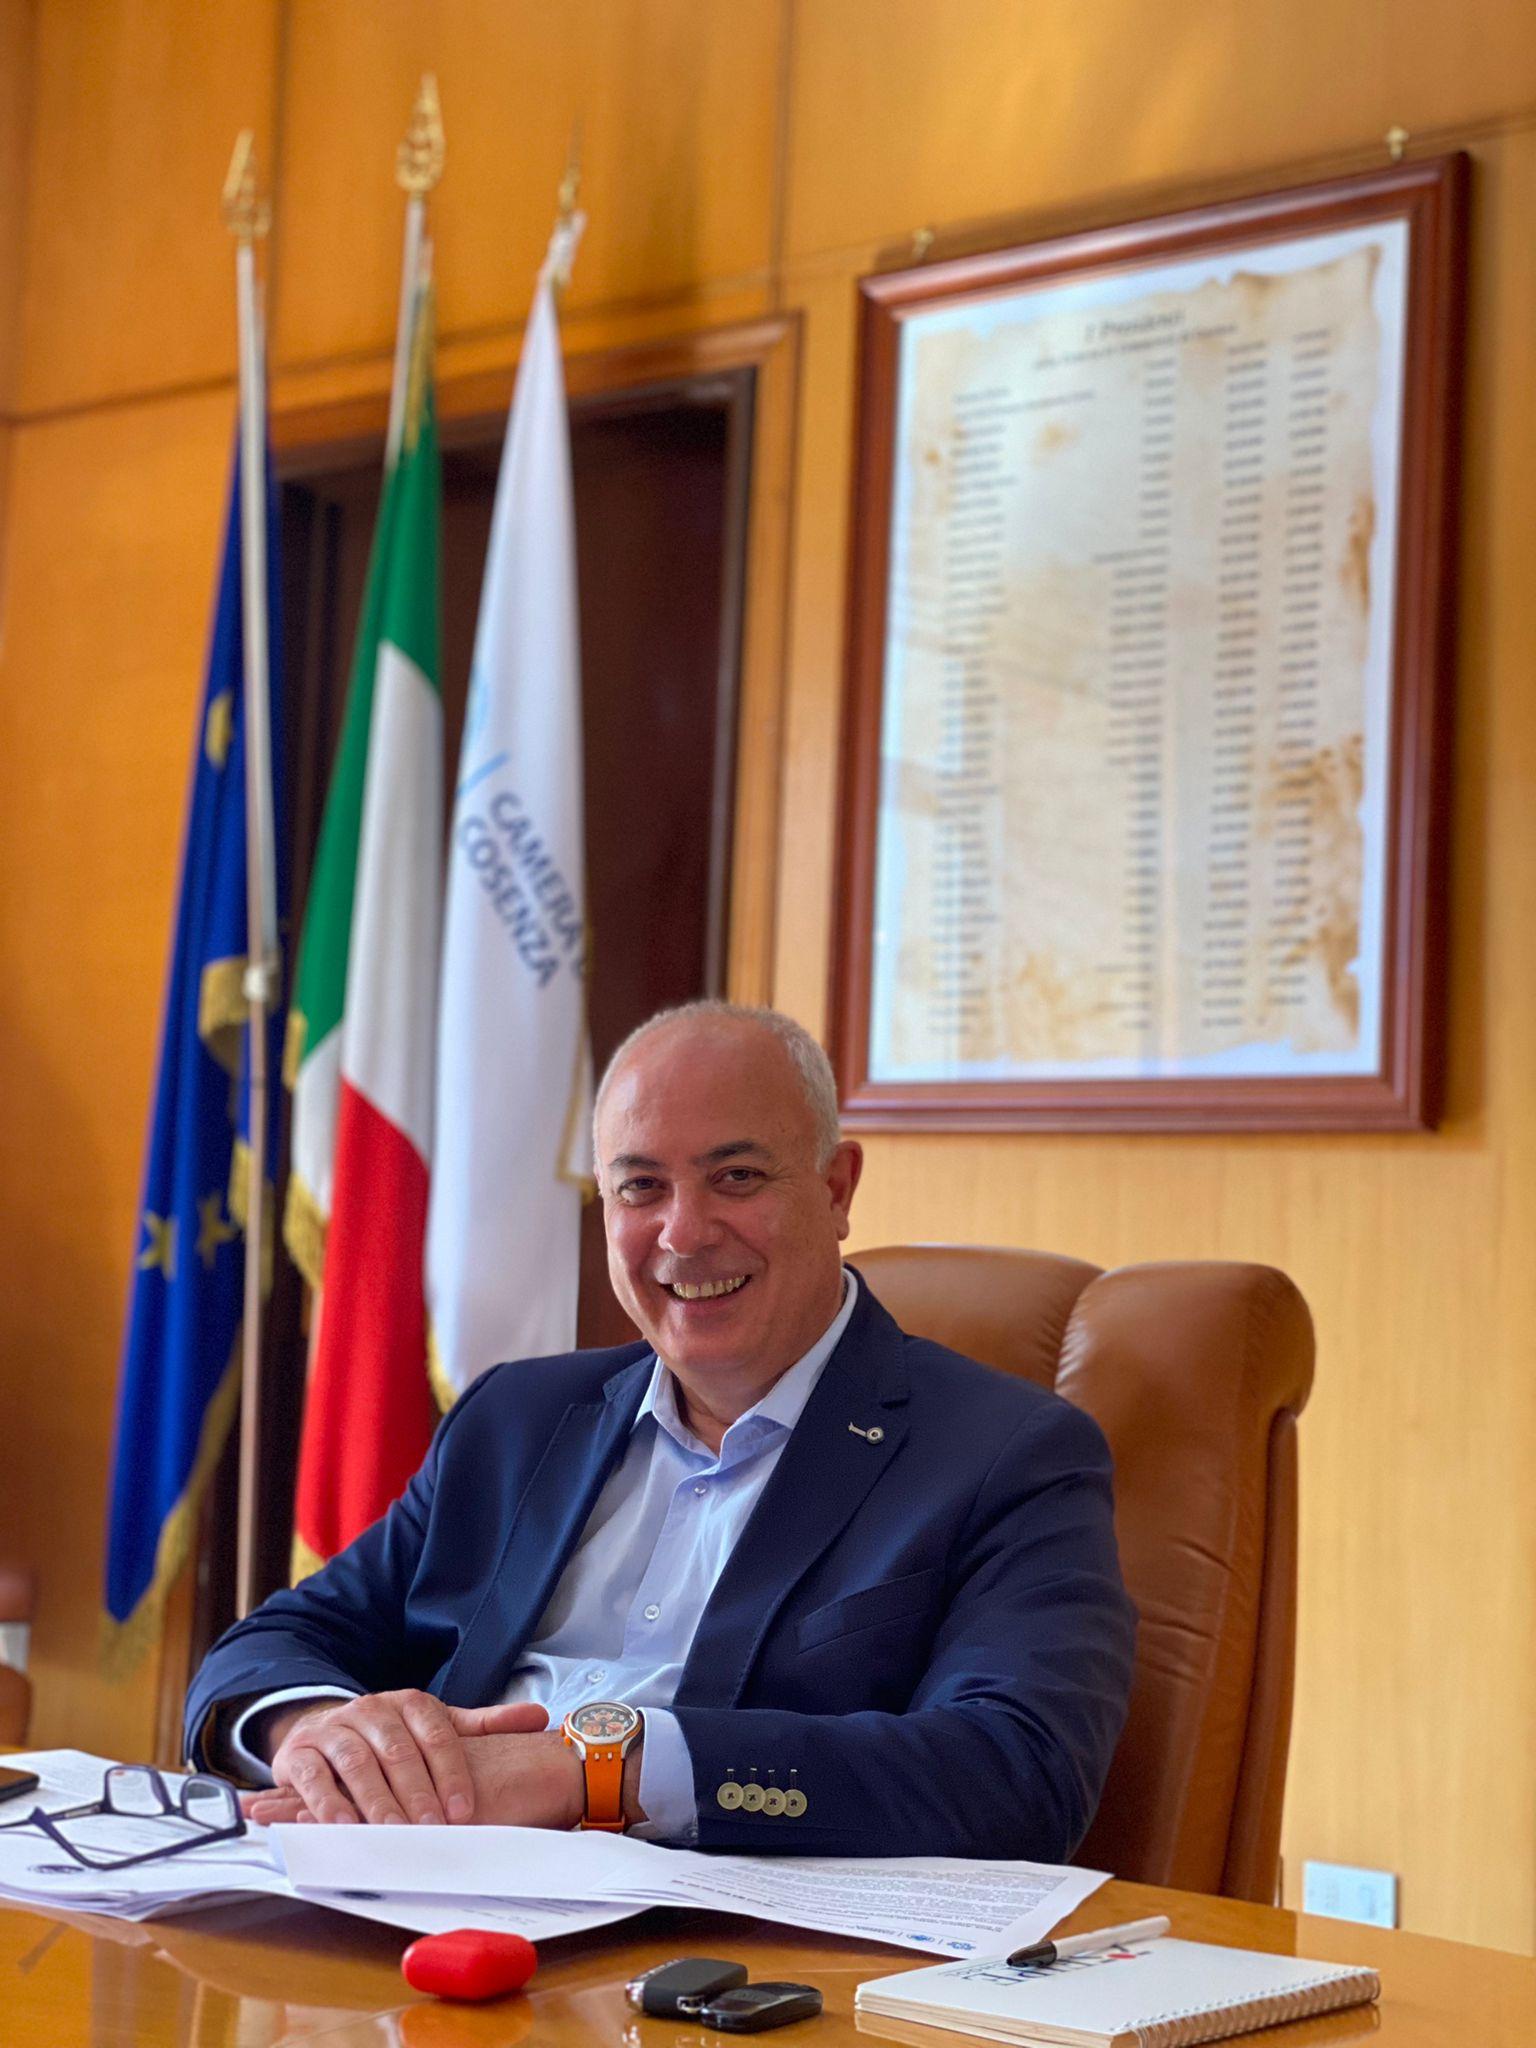 Klaus Algieri eletto nel Consiglio Direttivo di AIC, il Forum internazionale delle Camere di Commercio dell'Adriatico e dello Ionio